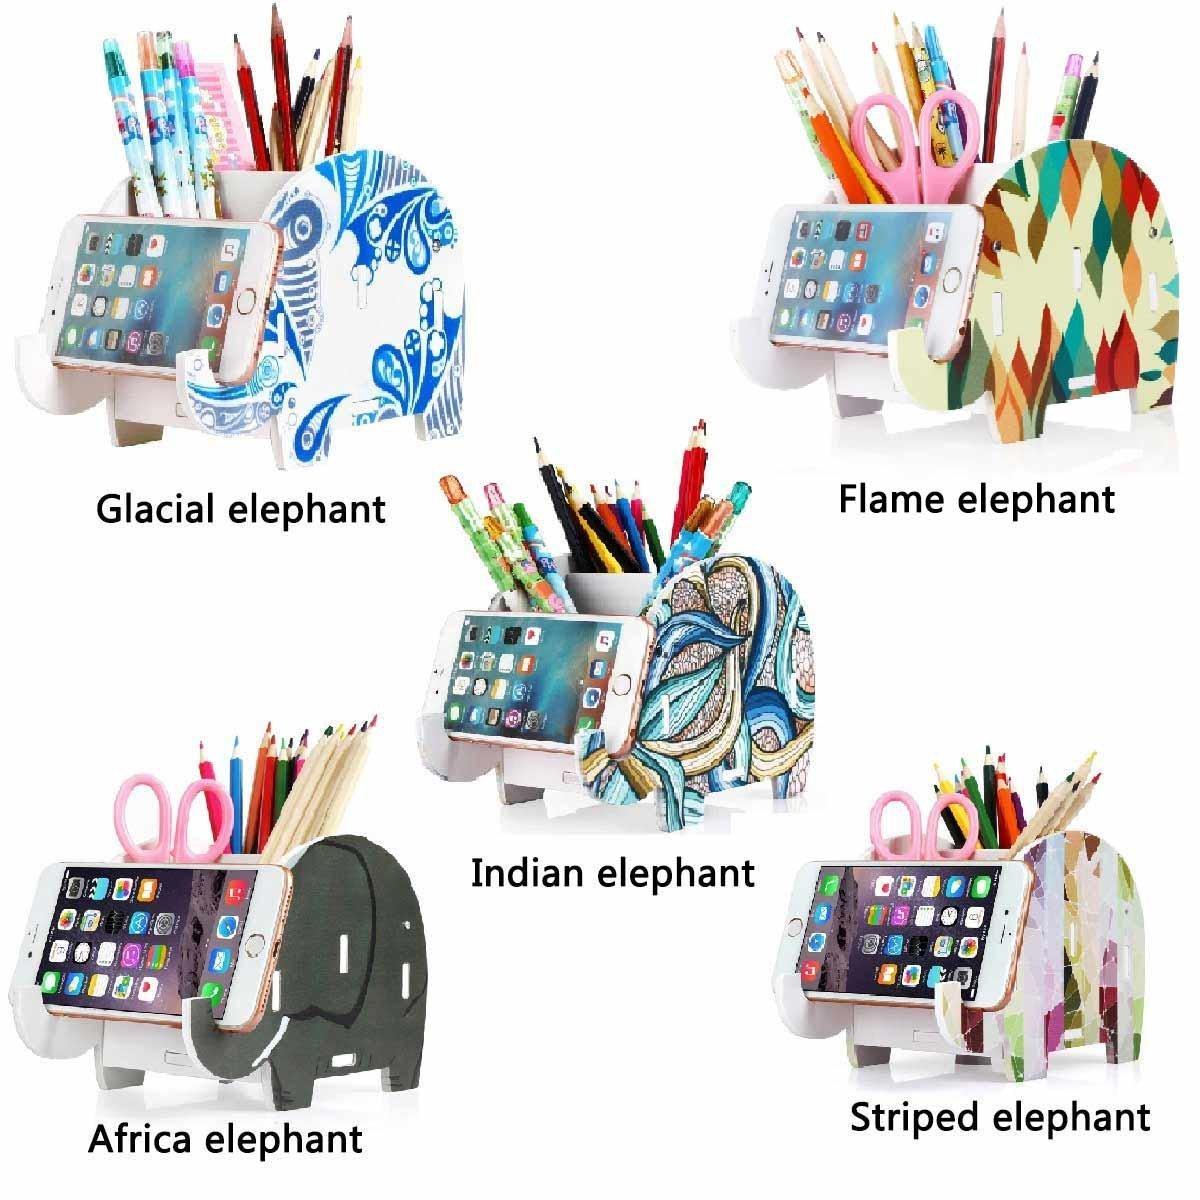 ... lápiz, soporte para teléfono móvil, soporte de almacenamiento, contenedor, caja de papelería, organizador, color Glacial elephant: Amazon.es: Oficina ...